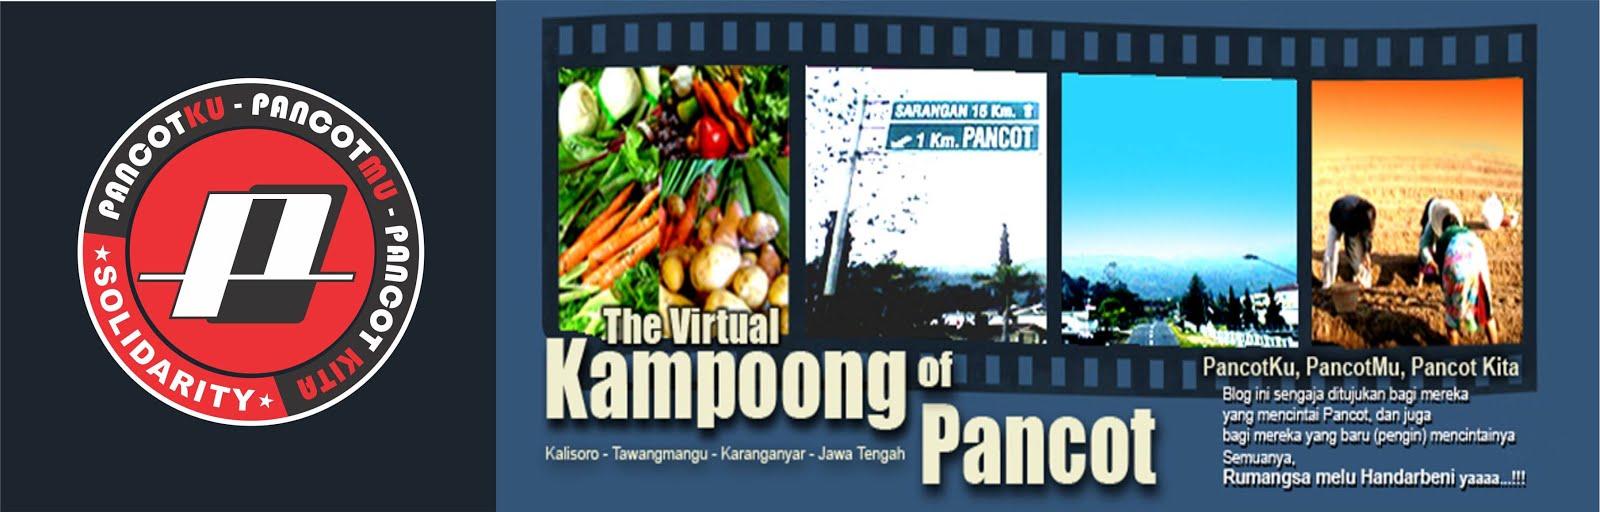 Pek Nggo Dan Ngalor Ngulon Pancot Kampung Virtual Kami